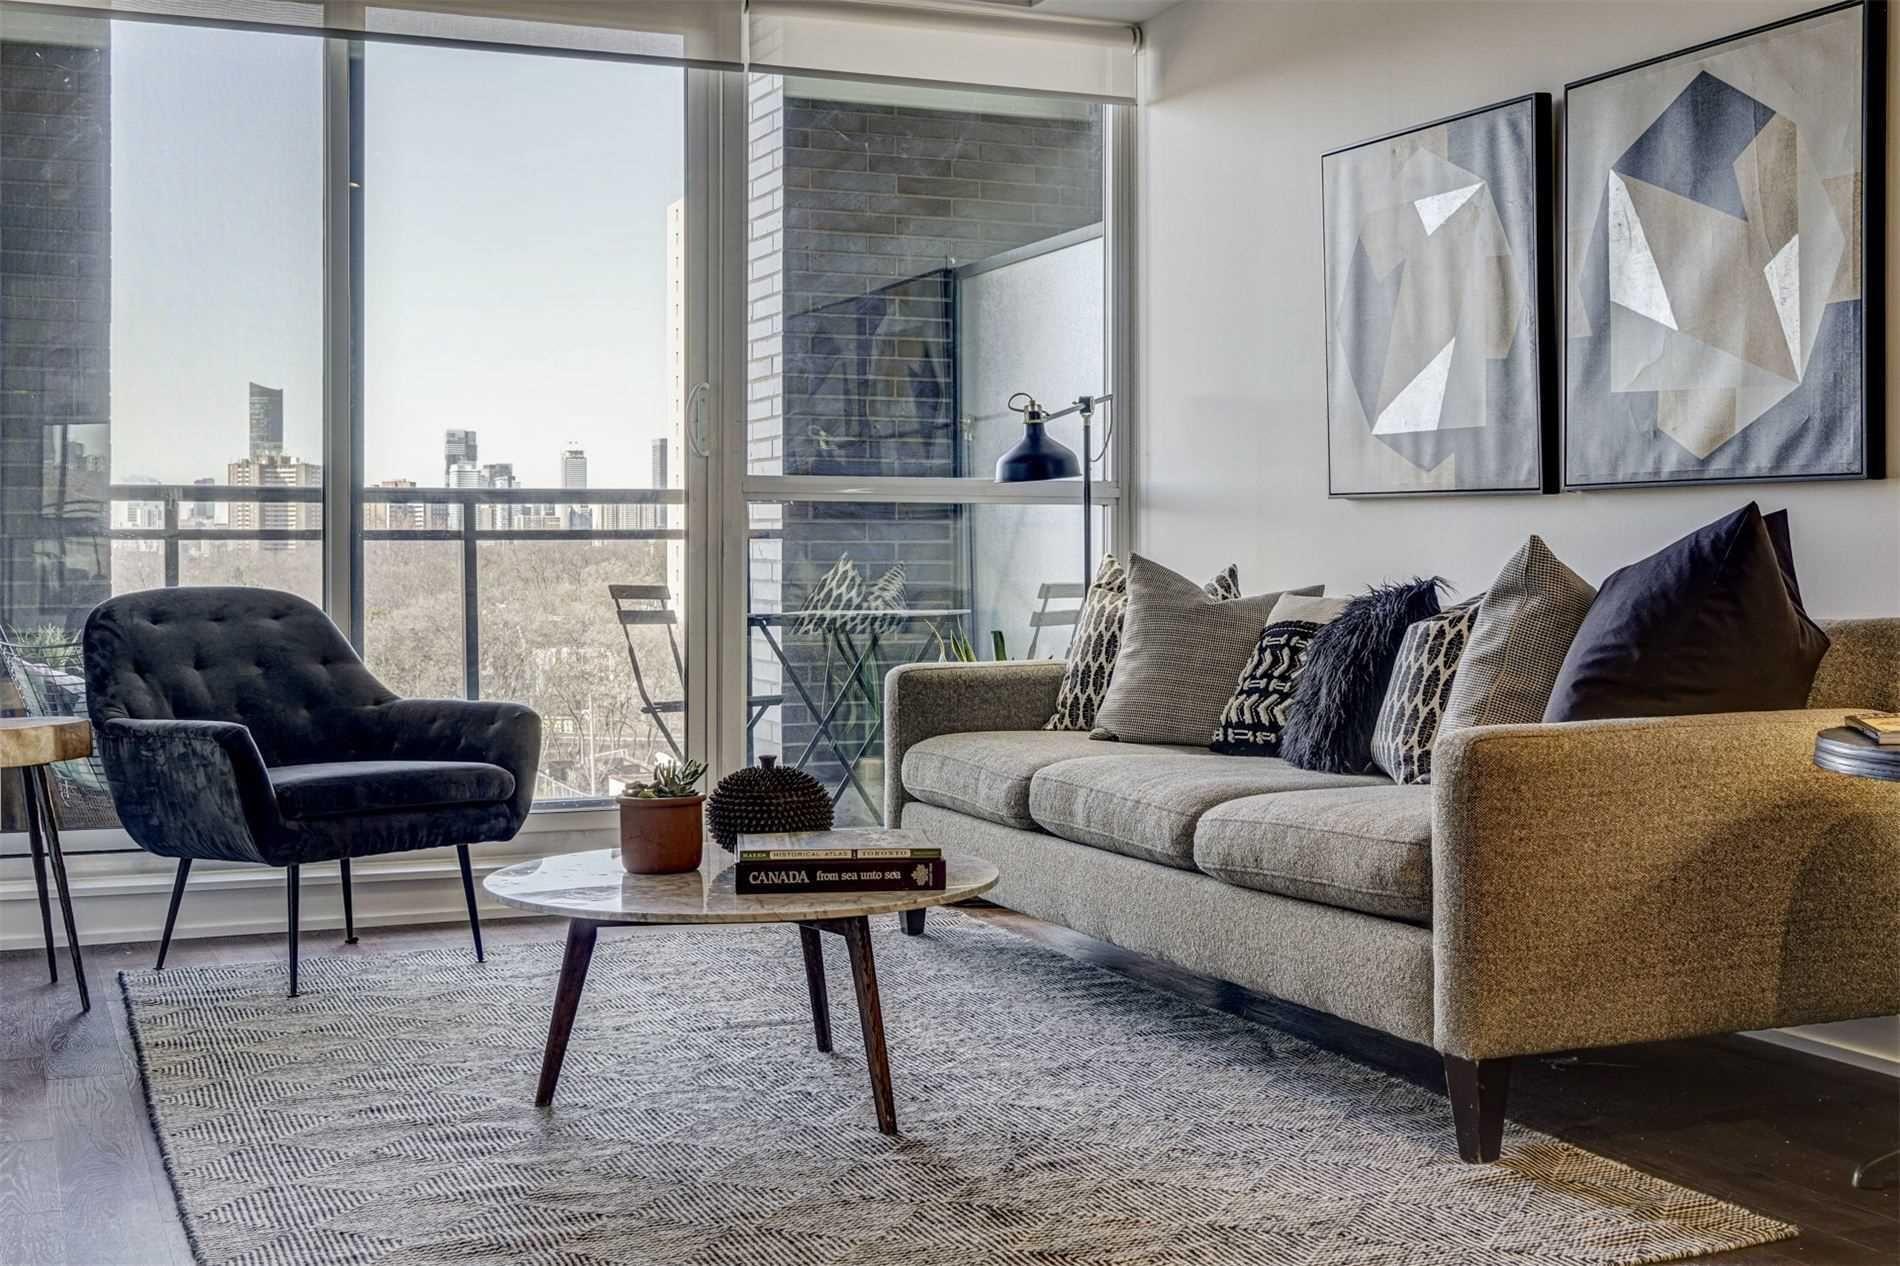 Photo 17: Photos: 722 1190 E Dundas Street in Toronto: South Riverdale Condo for sale (Toronto E01)  : MLS®# E5144551